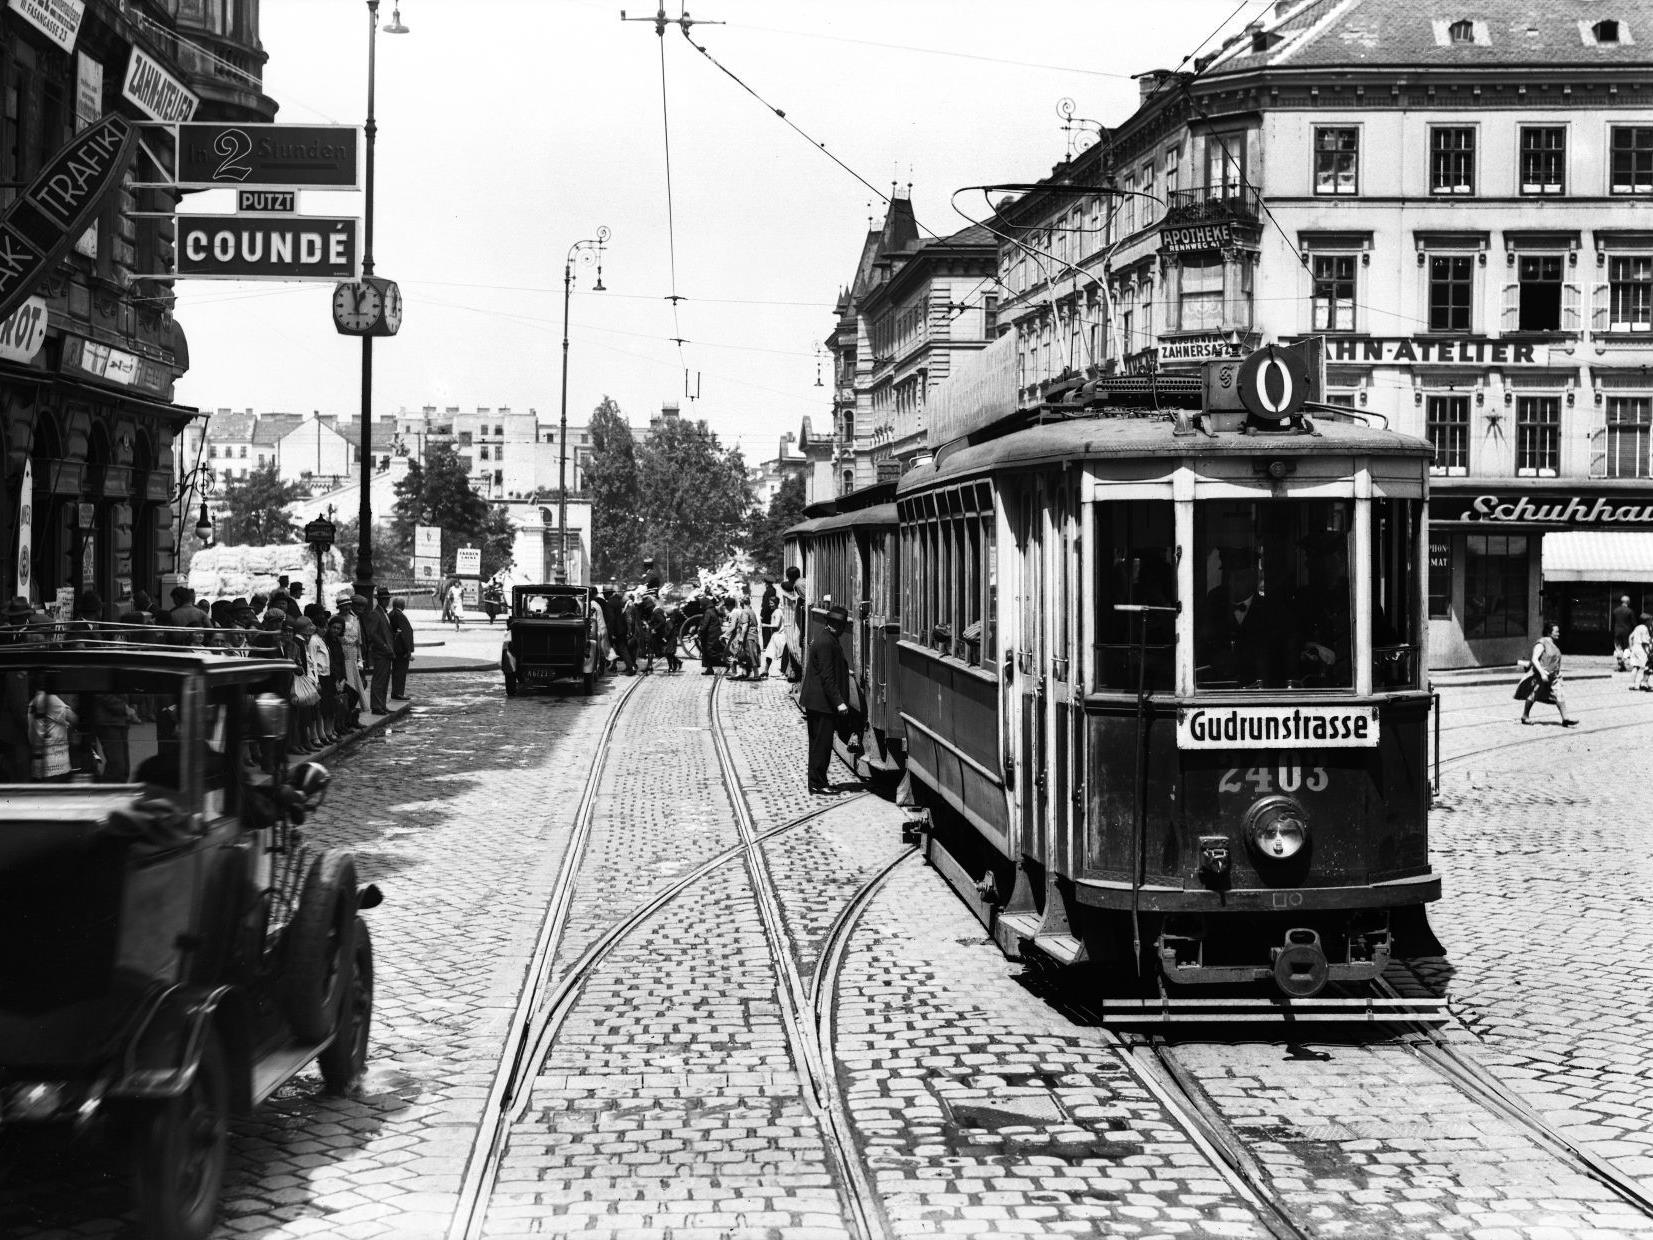 Jede Menge historischer Straßenbahnen aus den frühen Jahren der Wiener Öffis stehen im Straßenbahnmuseum